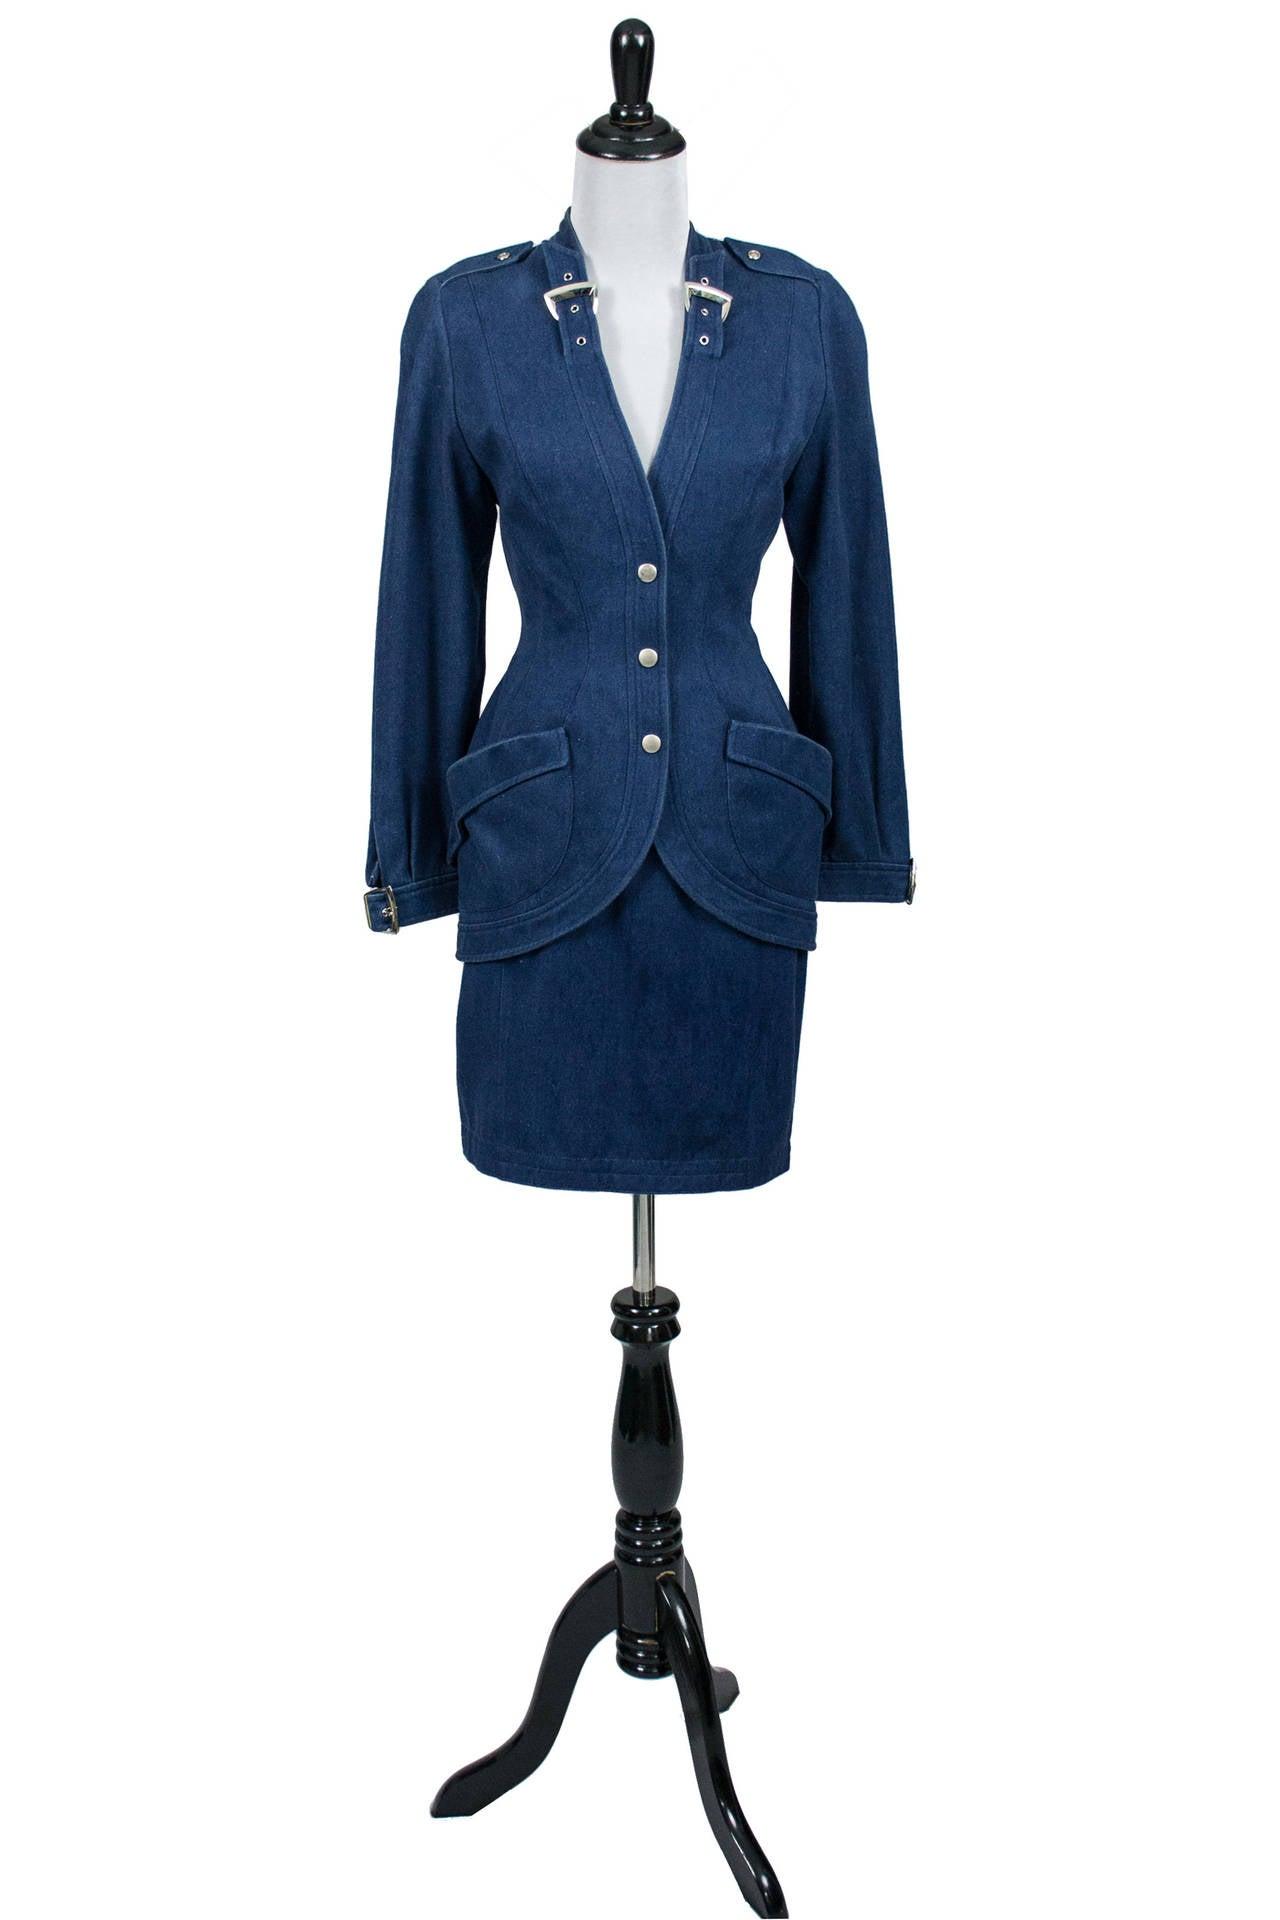 Thierry Mugler 1980's Designer Vintage Suit Denim Skirt Blazer Buckles 3